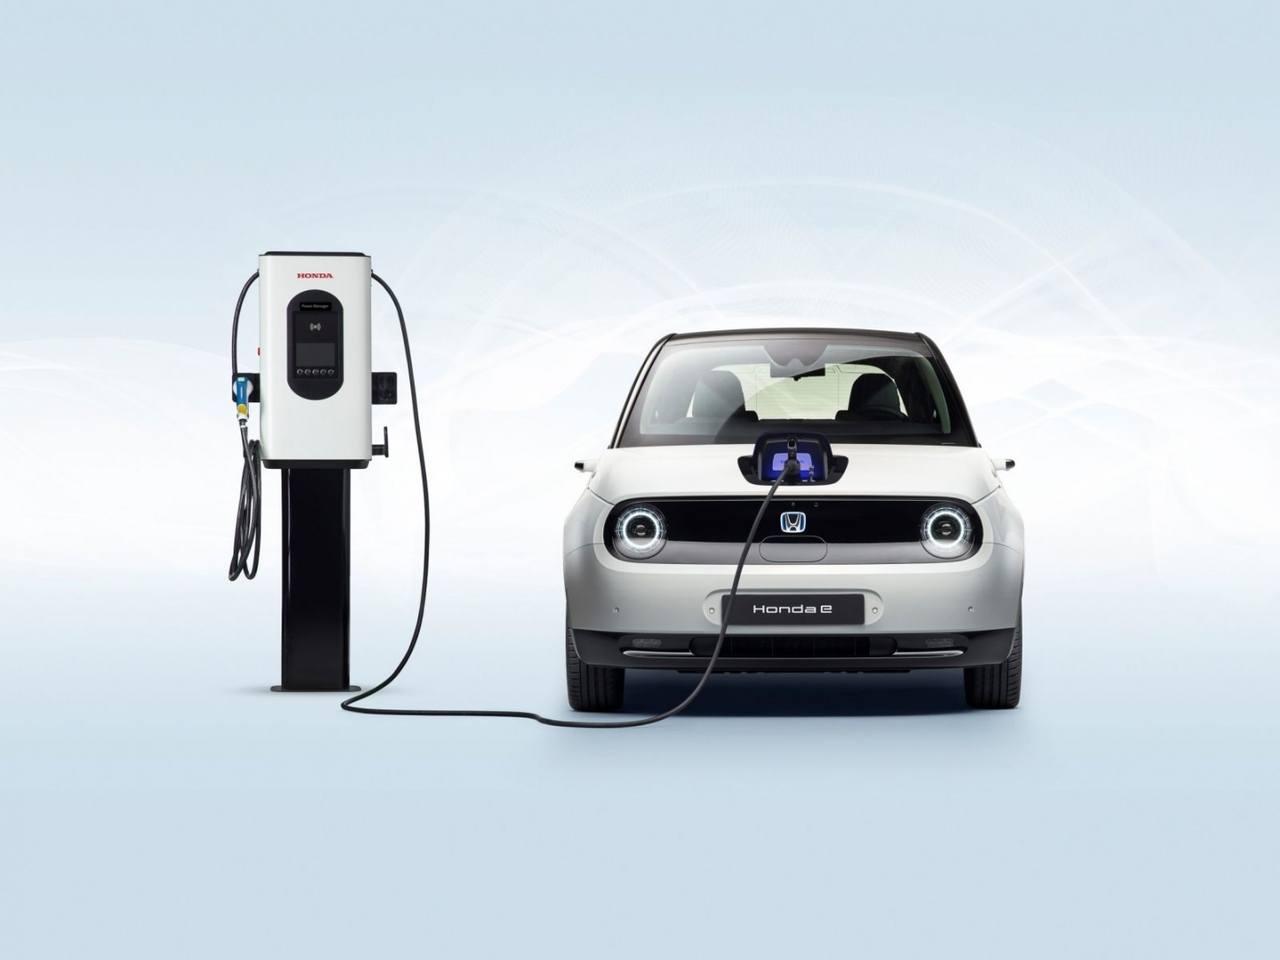 Honda dejará de vender modelos gasolina y diésel en Europa a partir de 2022